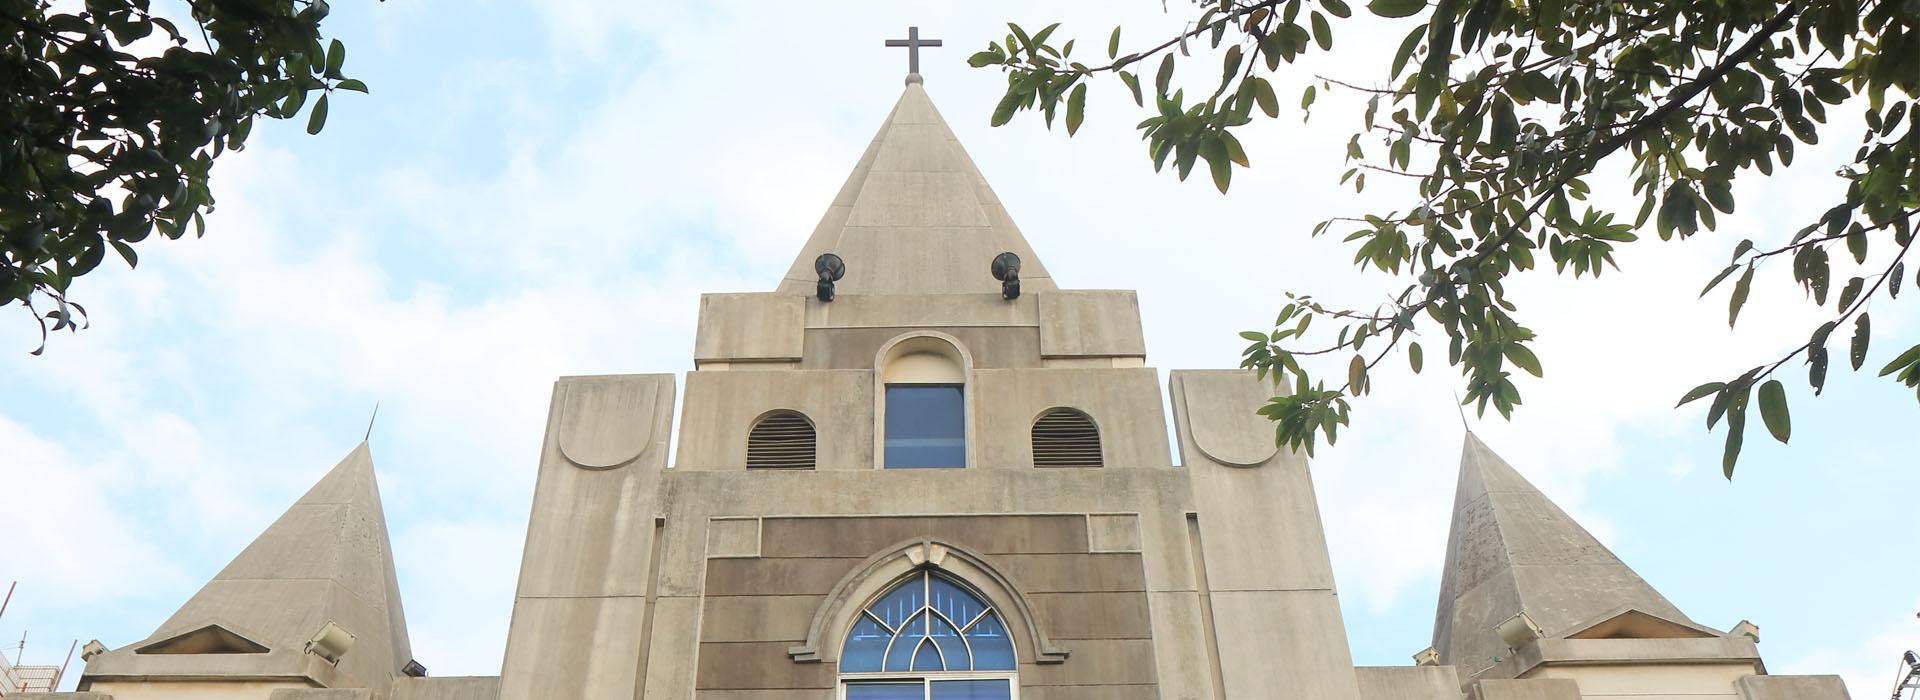 中國宗教新規上路 採強硬手段查封教會